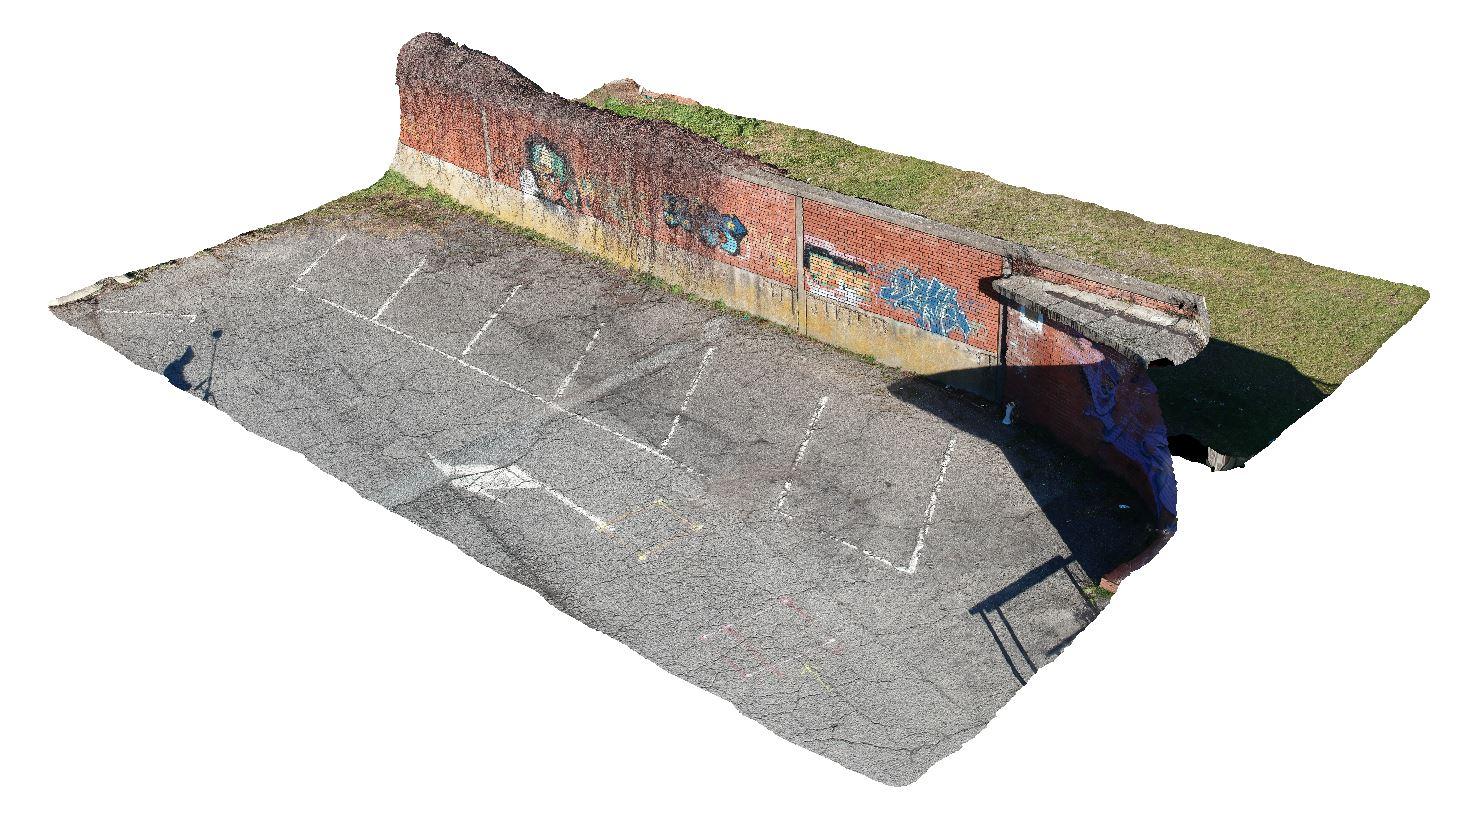 Vista assonometrica di modello tridimensionale ricostruito da rilievo aerofotogrammetrico